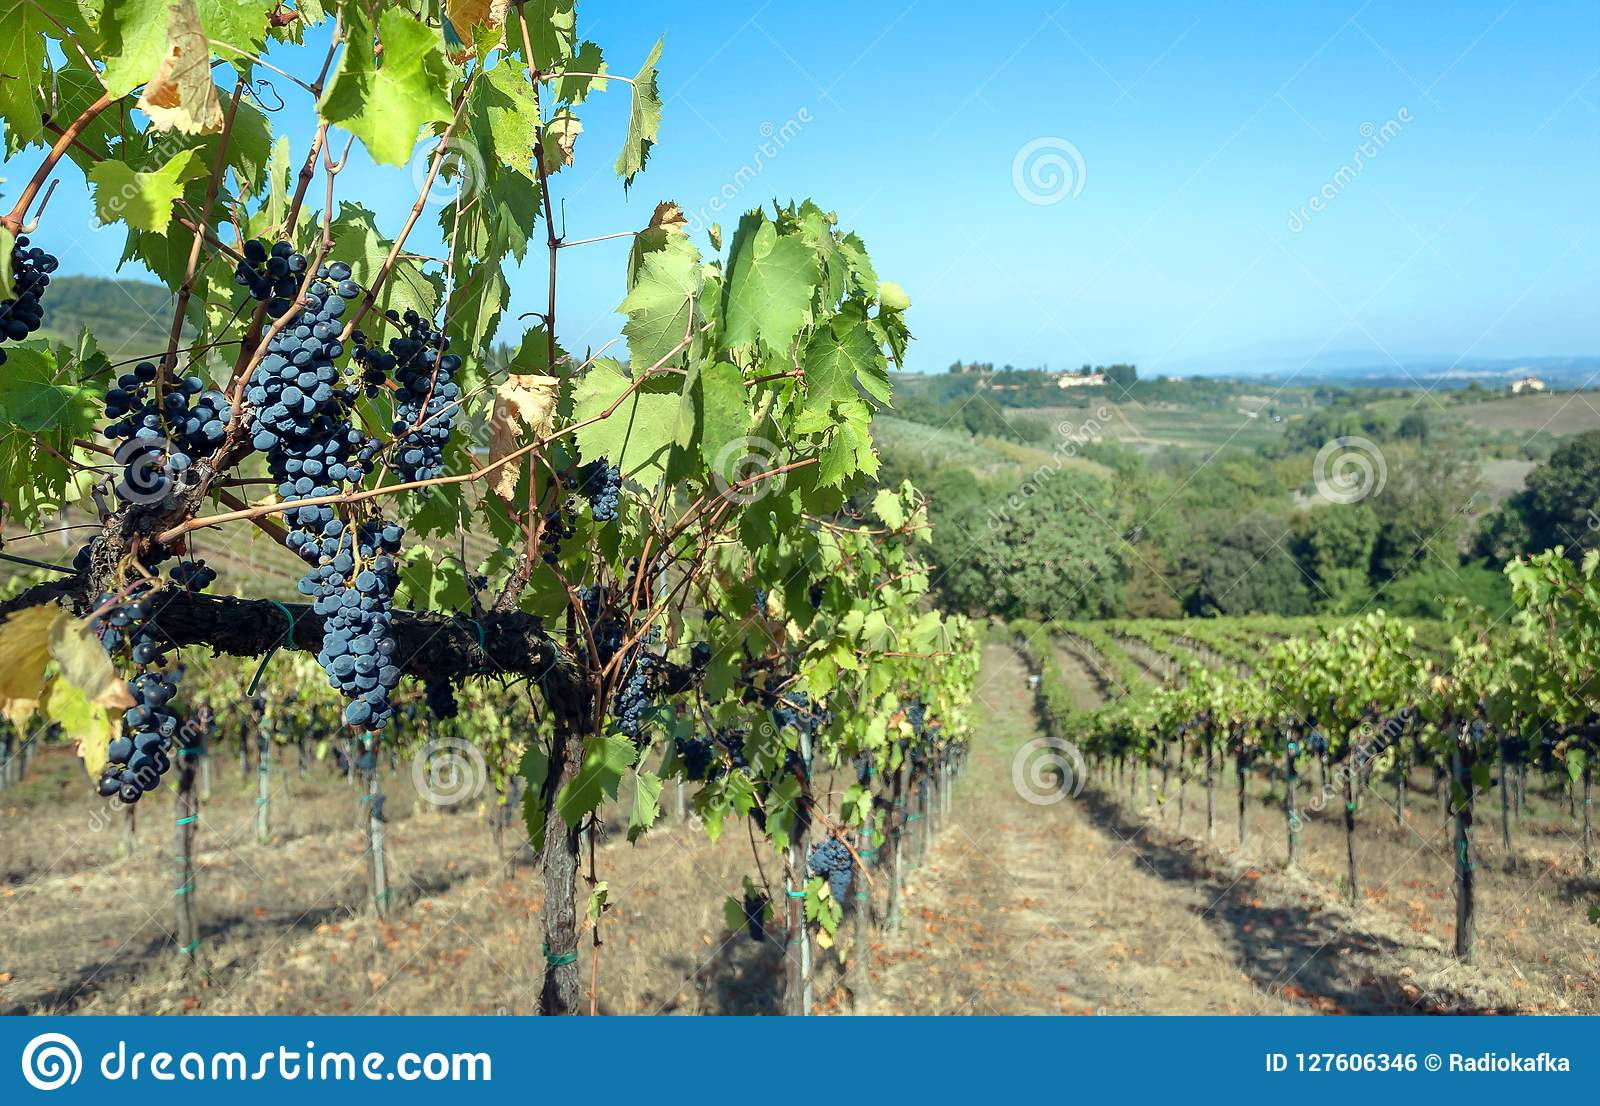 Blå vinranka i wineyard Färgrikt vingårdlandskap i Italien Vingården ror på Tuscany i höstskördtid